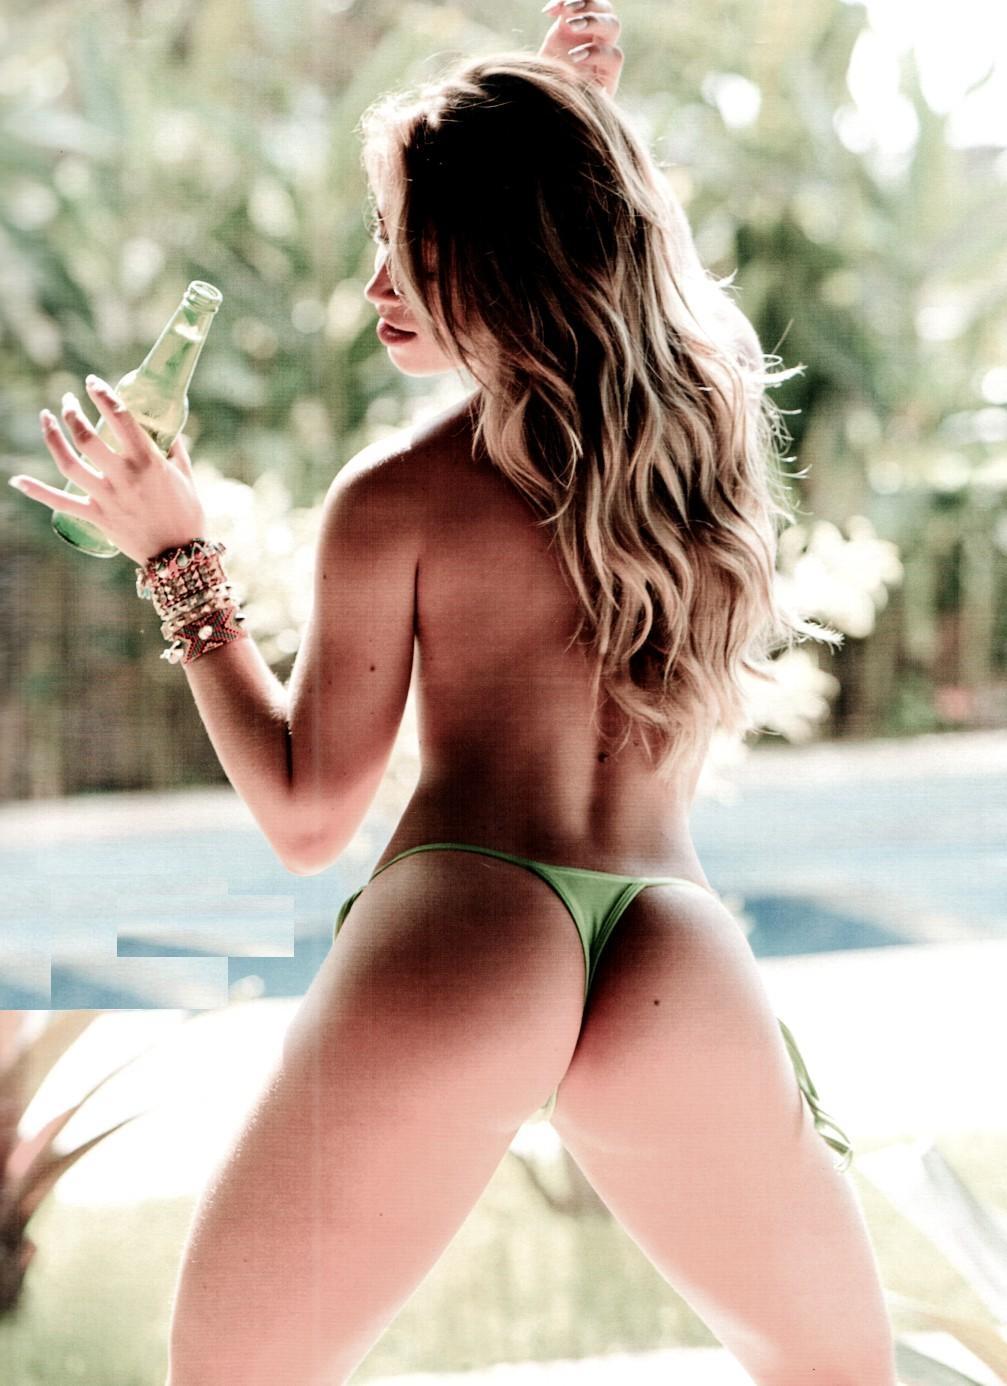 Playboy Carol Narizinho Nua Pelada Gostosa Buceta Da